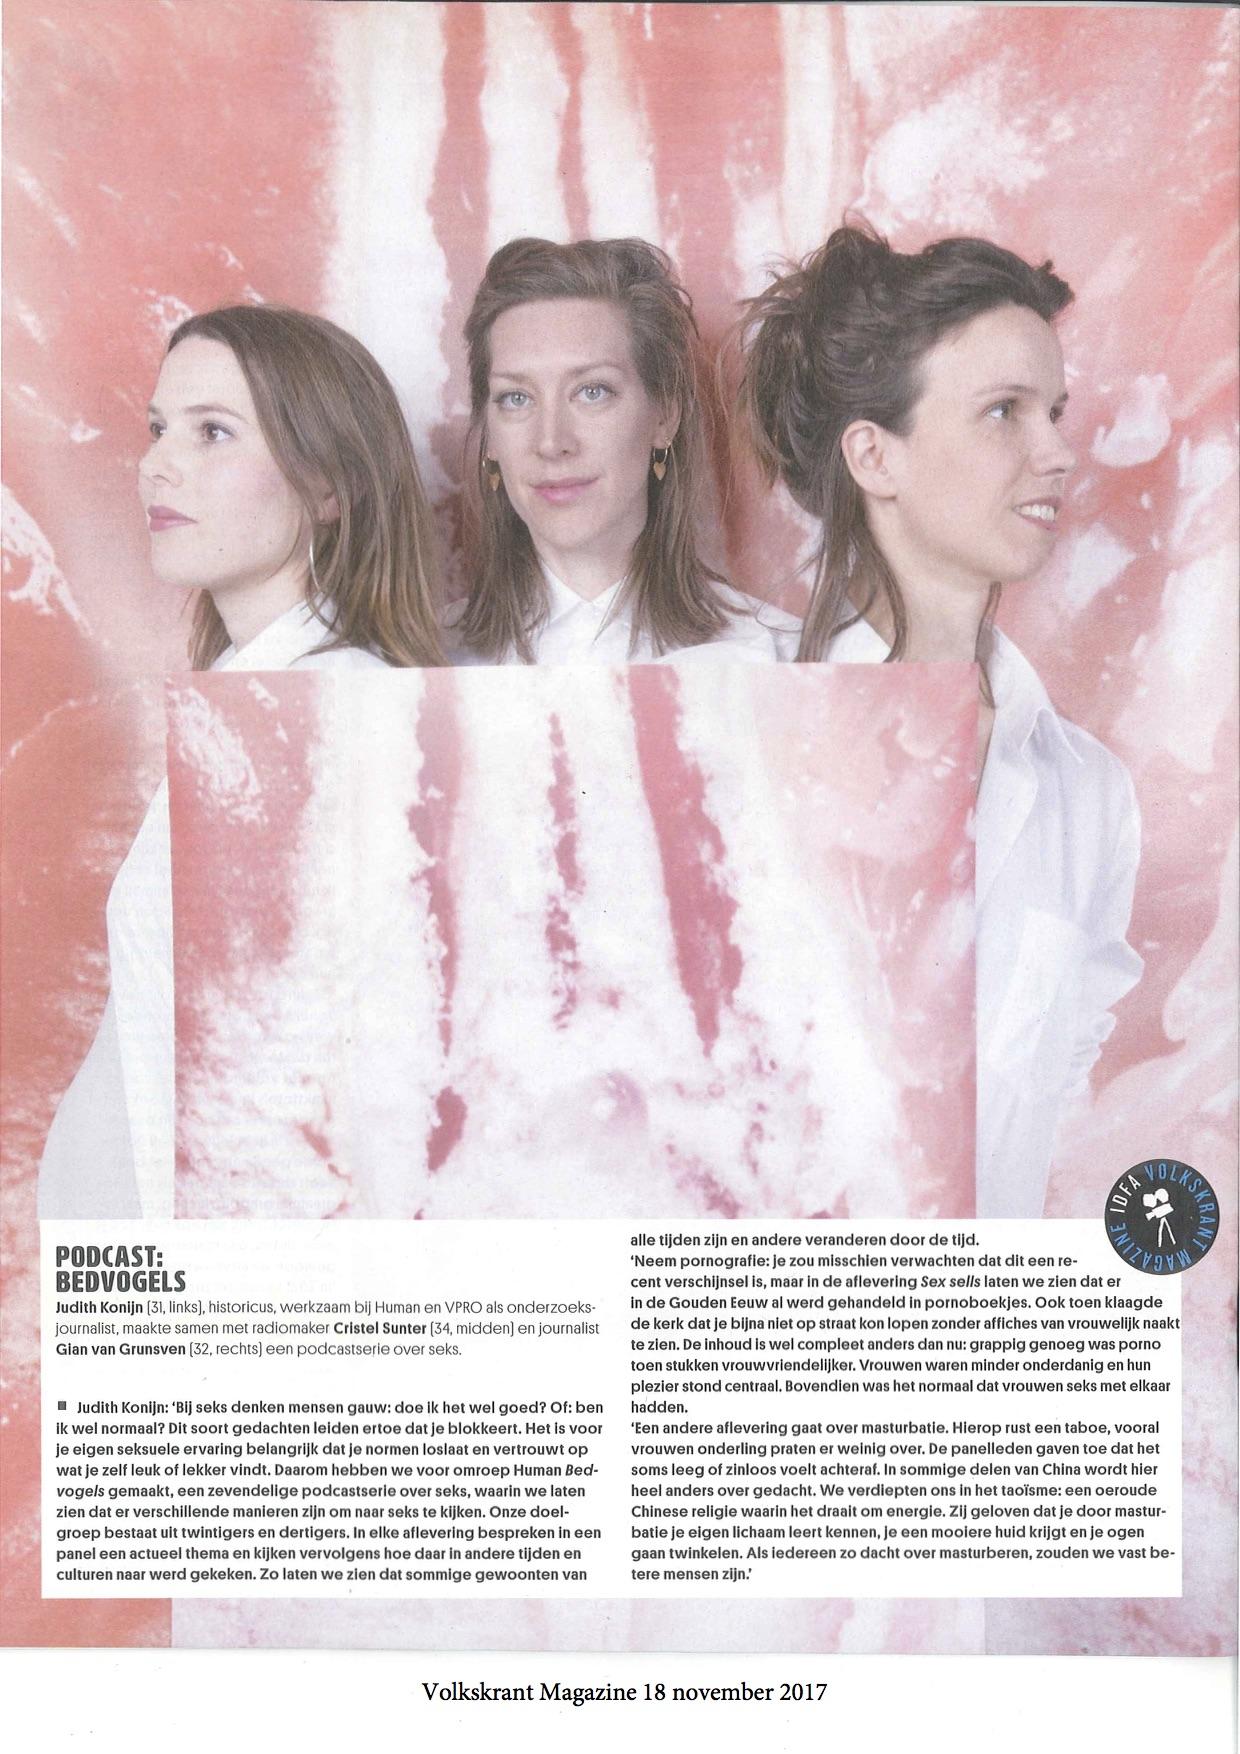 VK Magazine 18-11-17 - Podcast Bedvogels